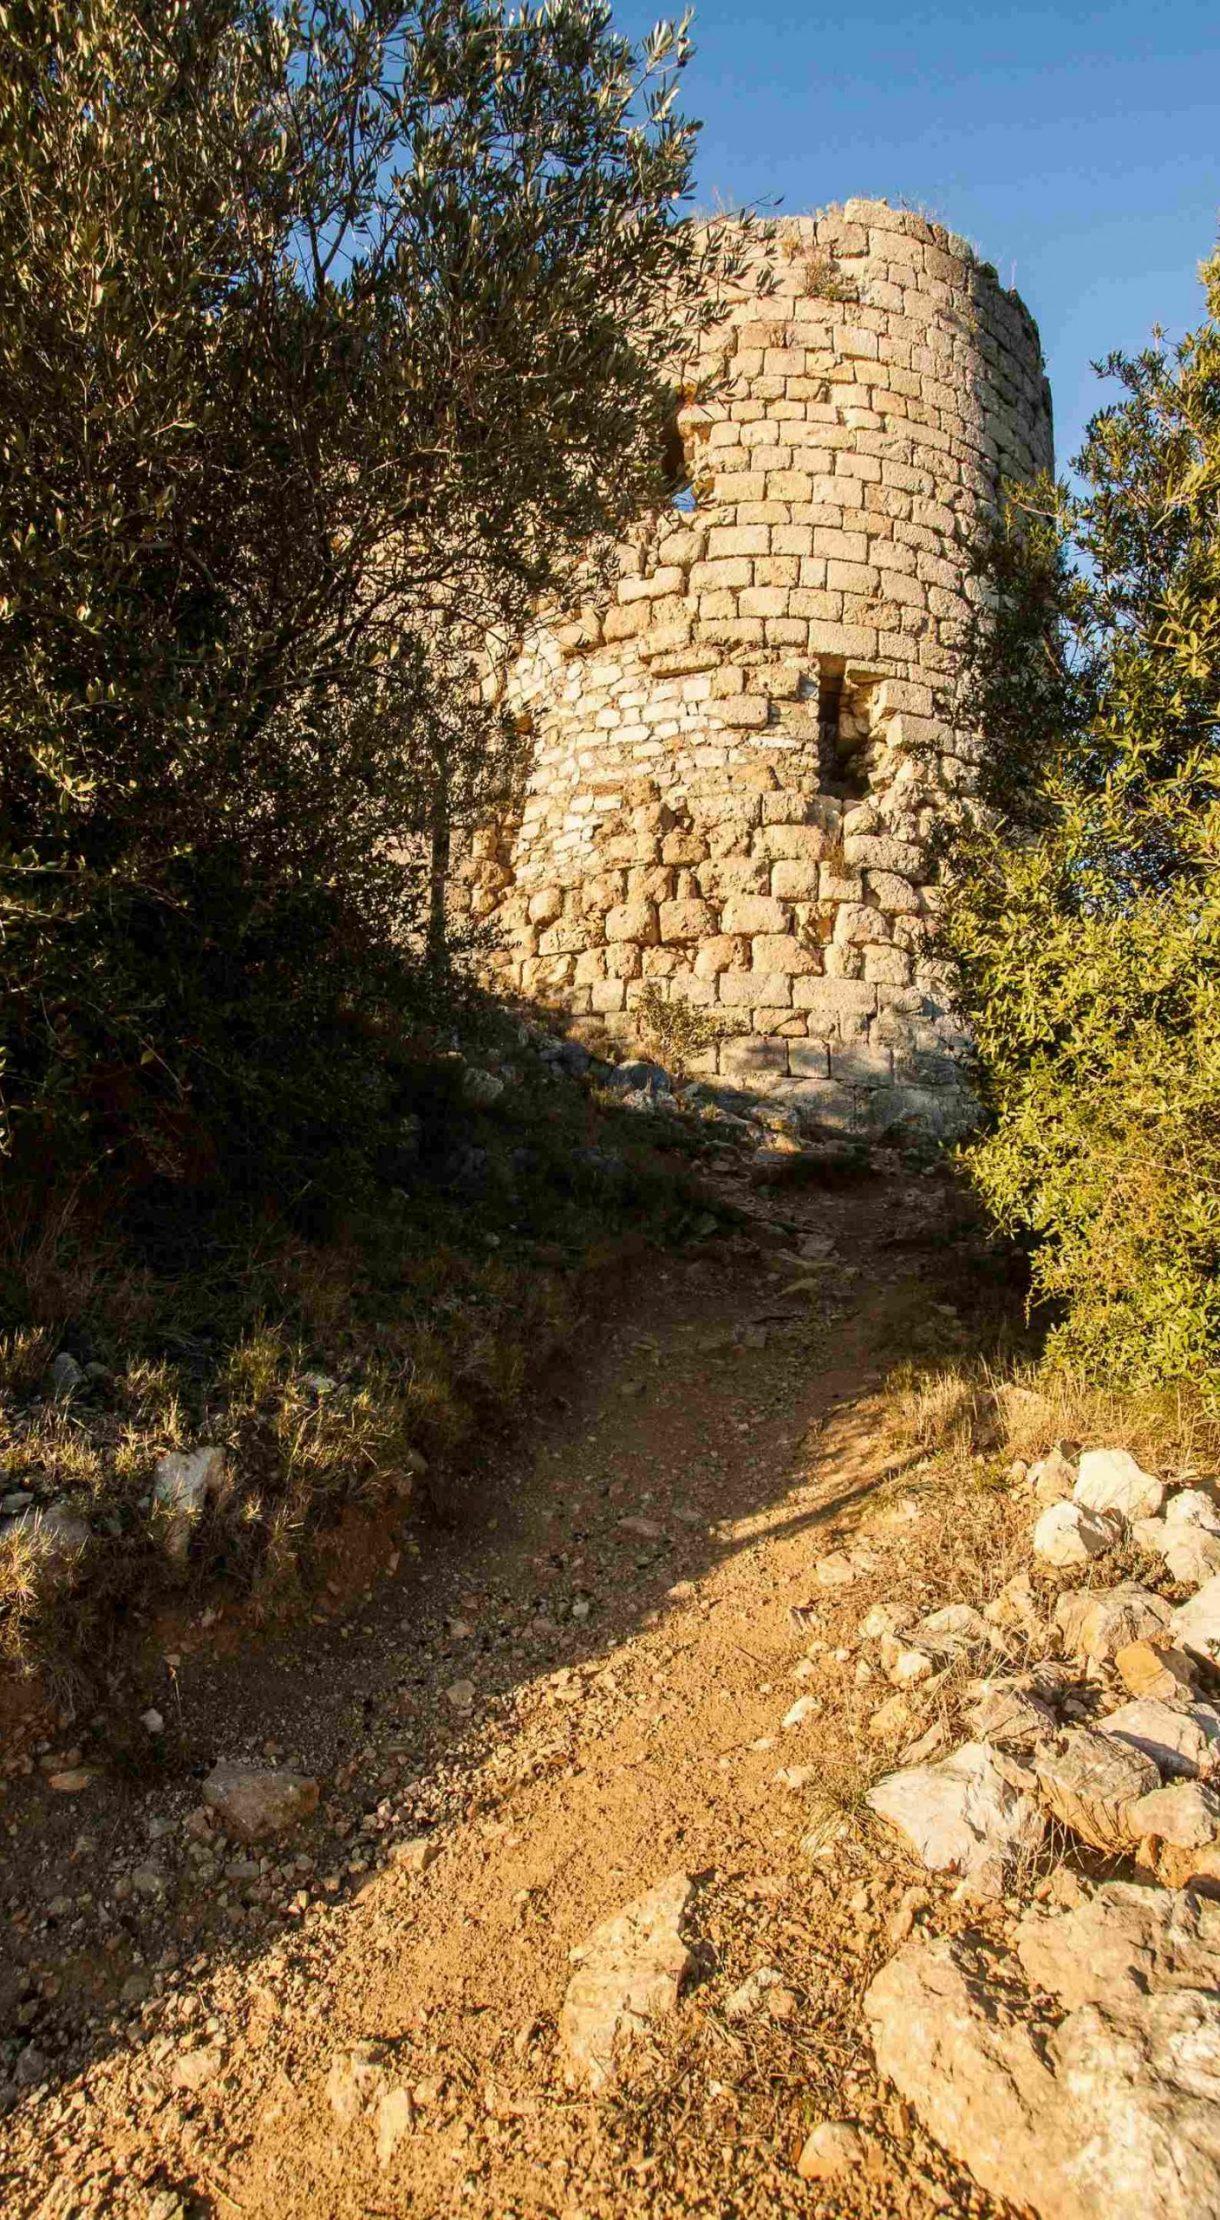 tuchan-0000-00-chateau-aguilar-tour-cr-vincent-photographie.jpg